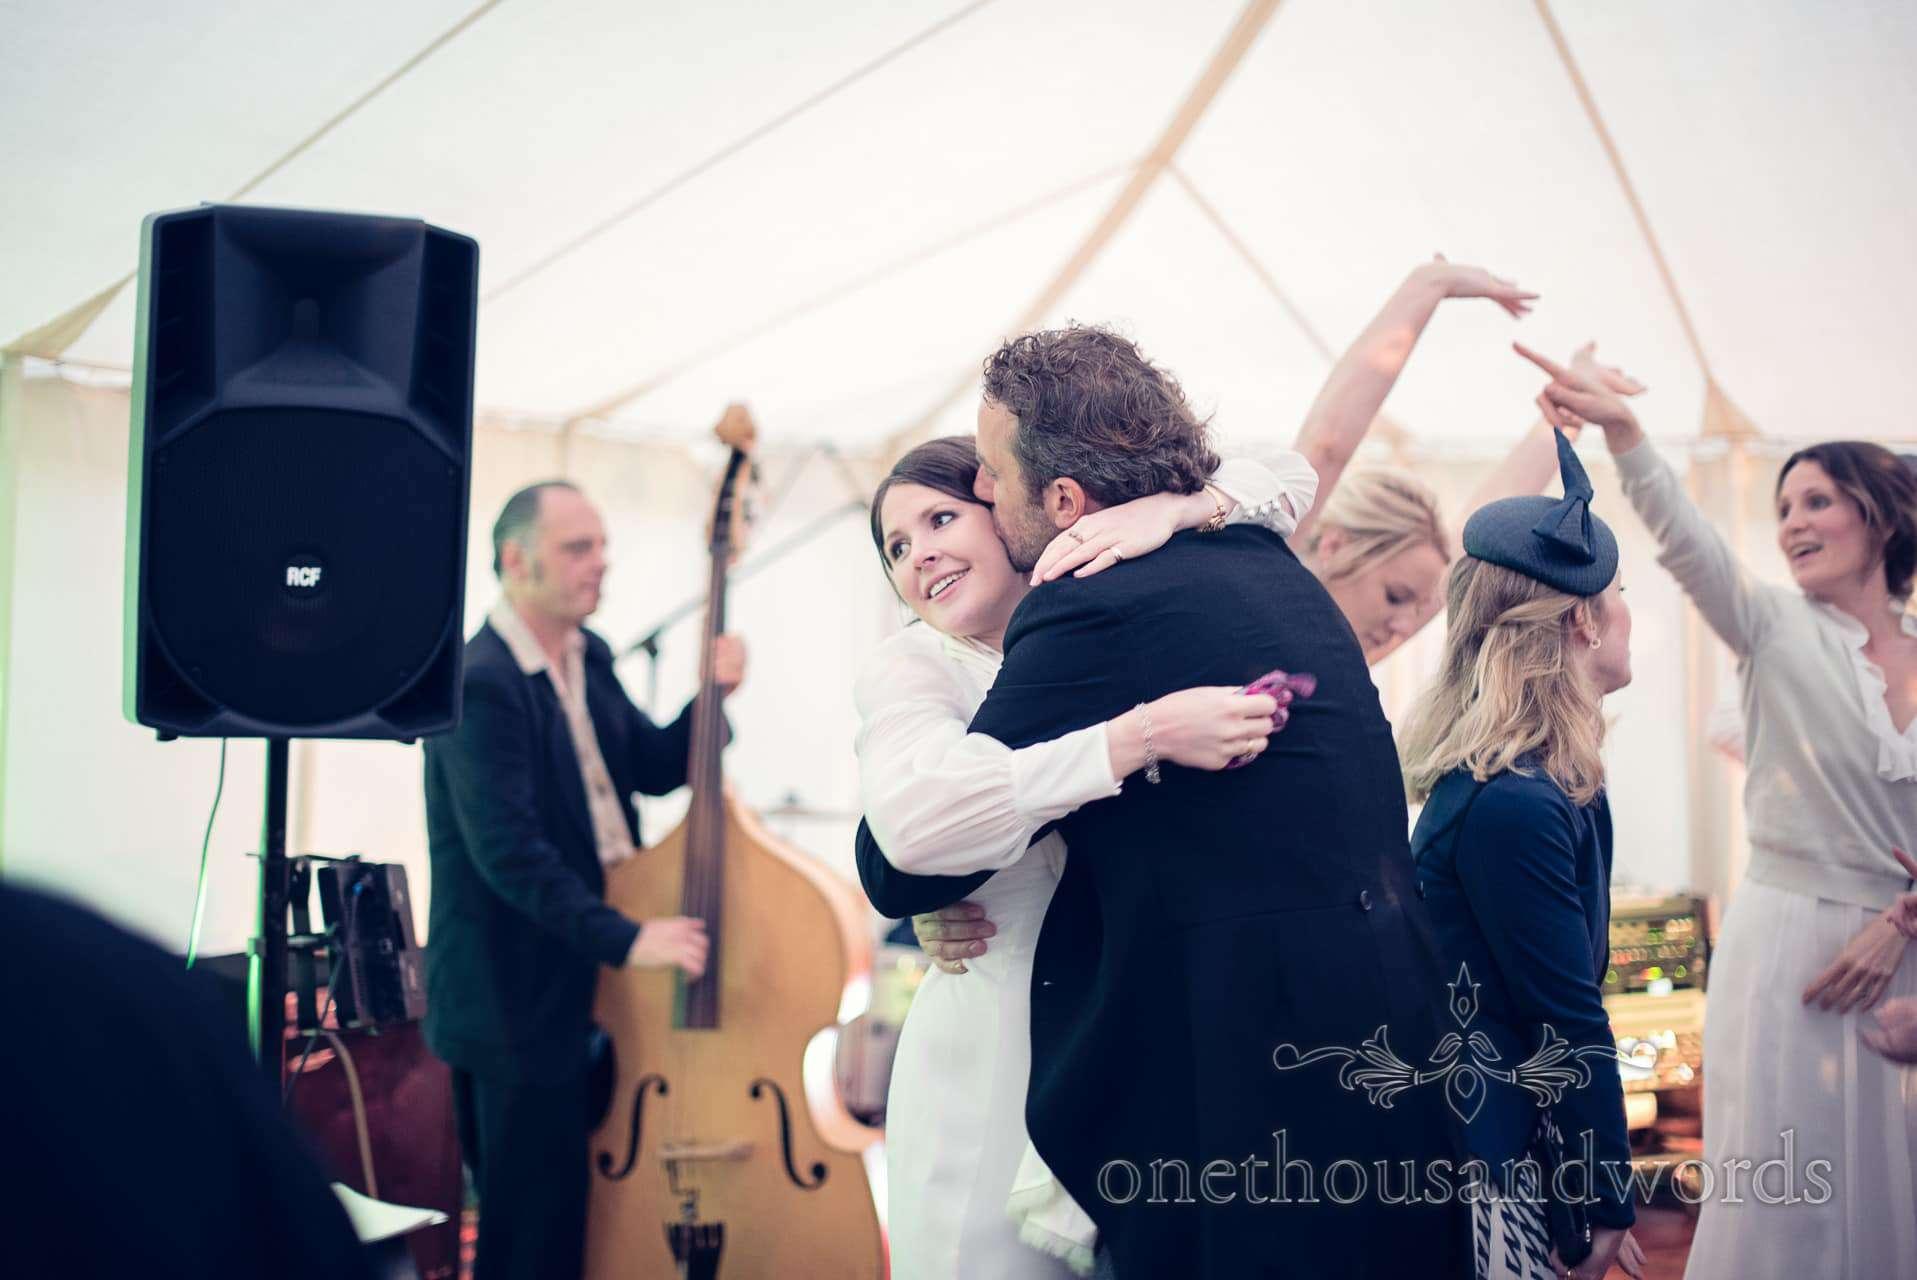 Dancing bridesmaid at The Priory Wareham wedding